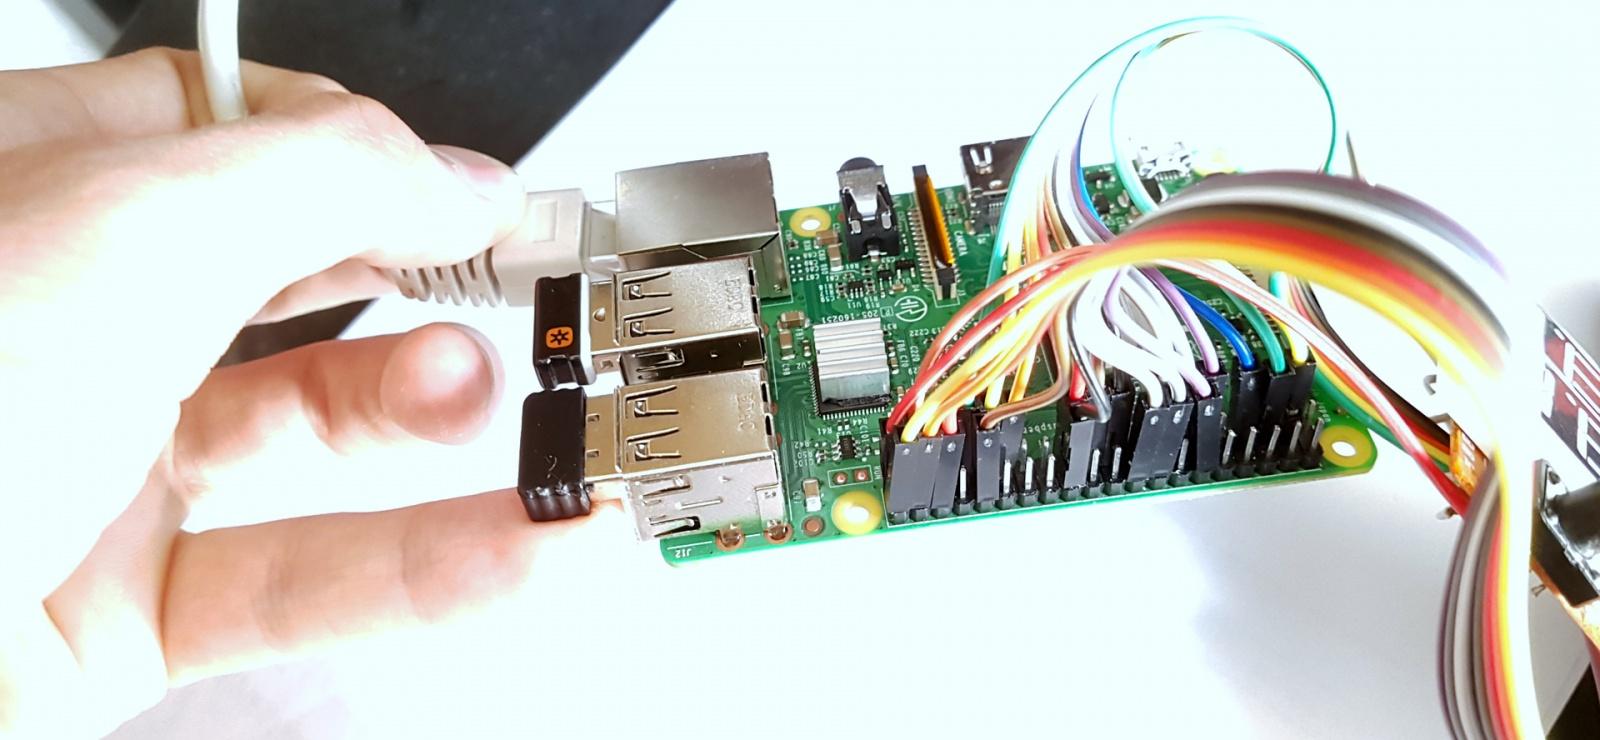 Компьютерная мышка как точный датчик - 2